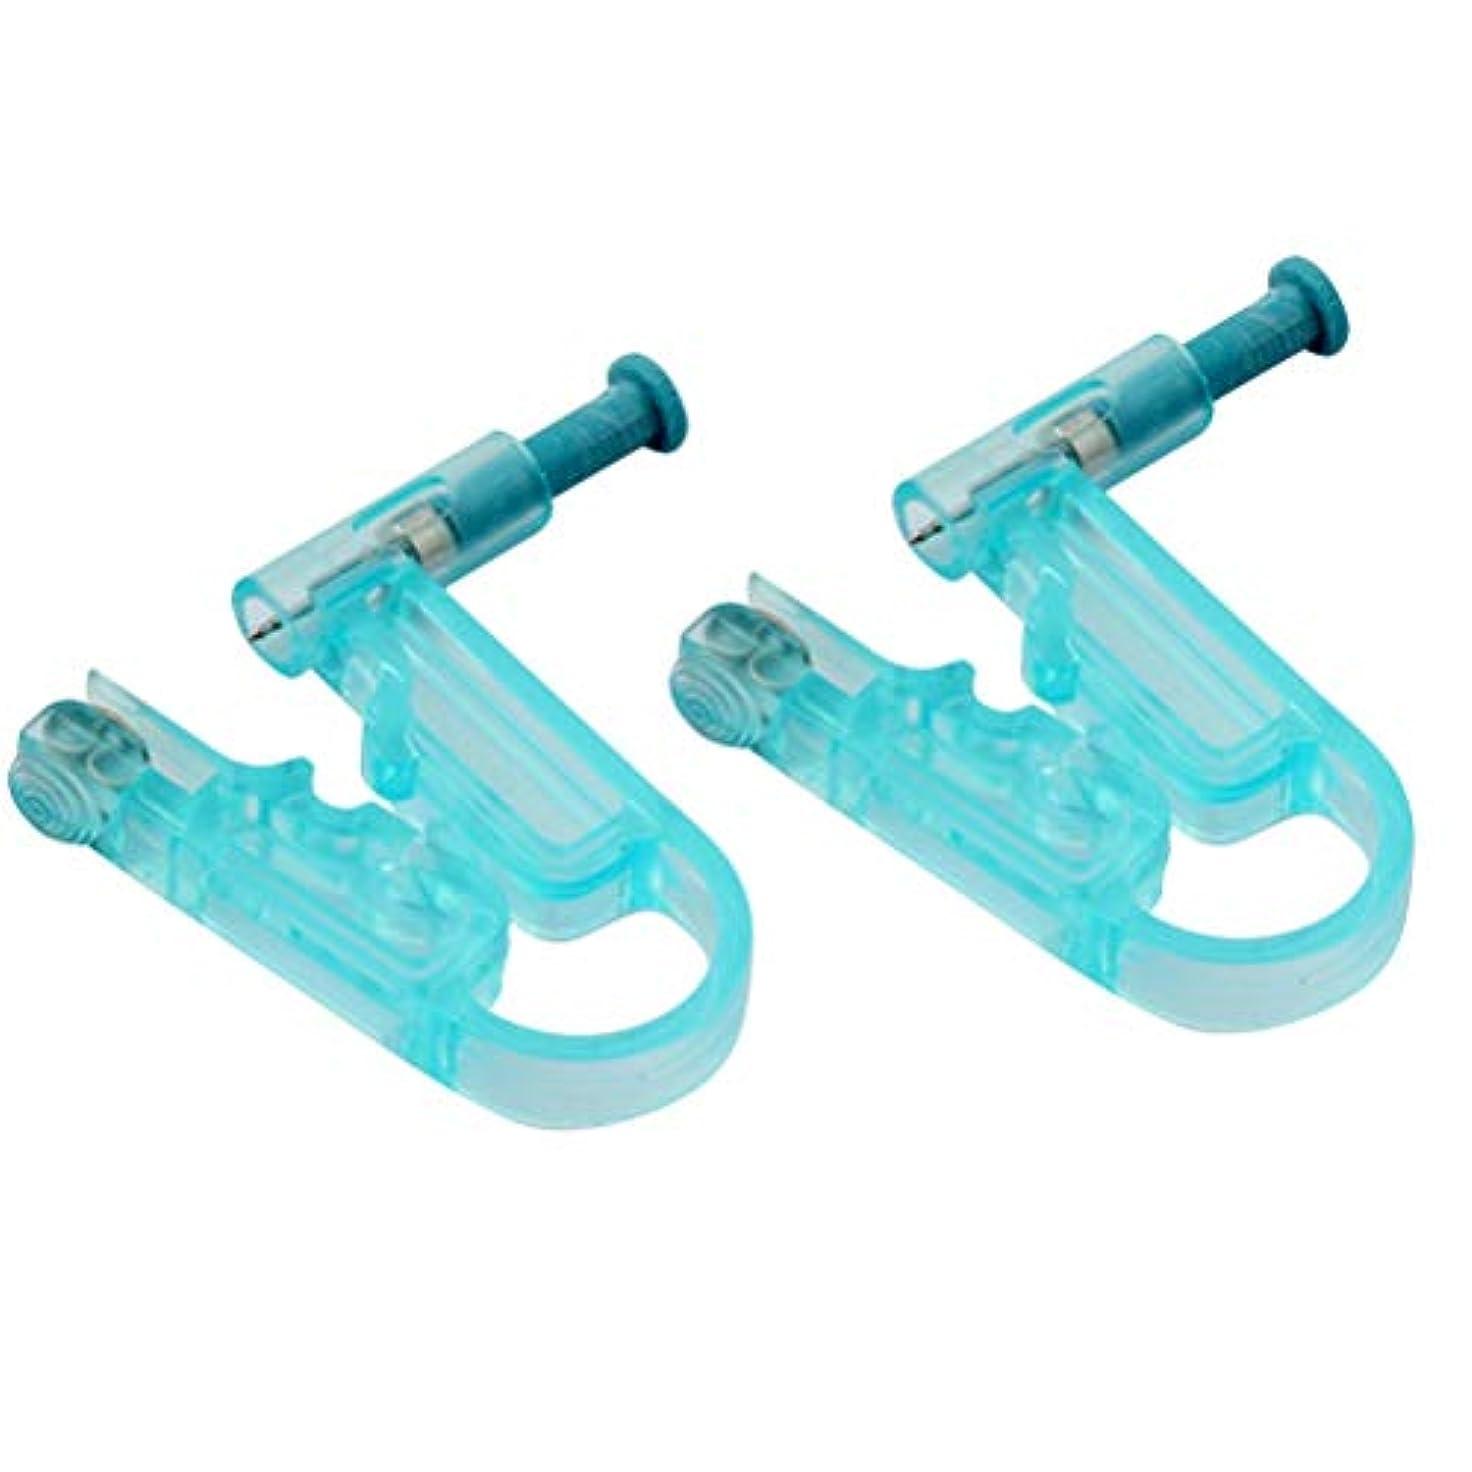 中央血統垂直SUPVOX ピアスガンツール 使い捨て耳ピアス 無菌安全 スカイブルー 2本